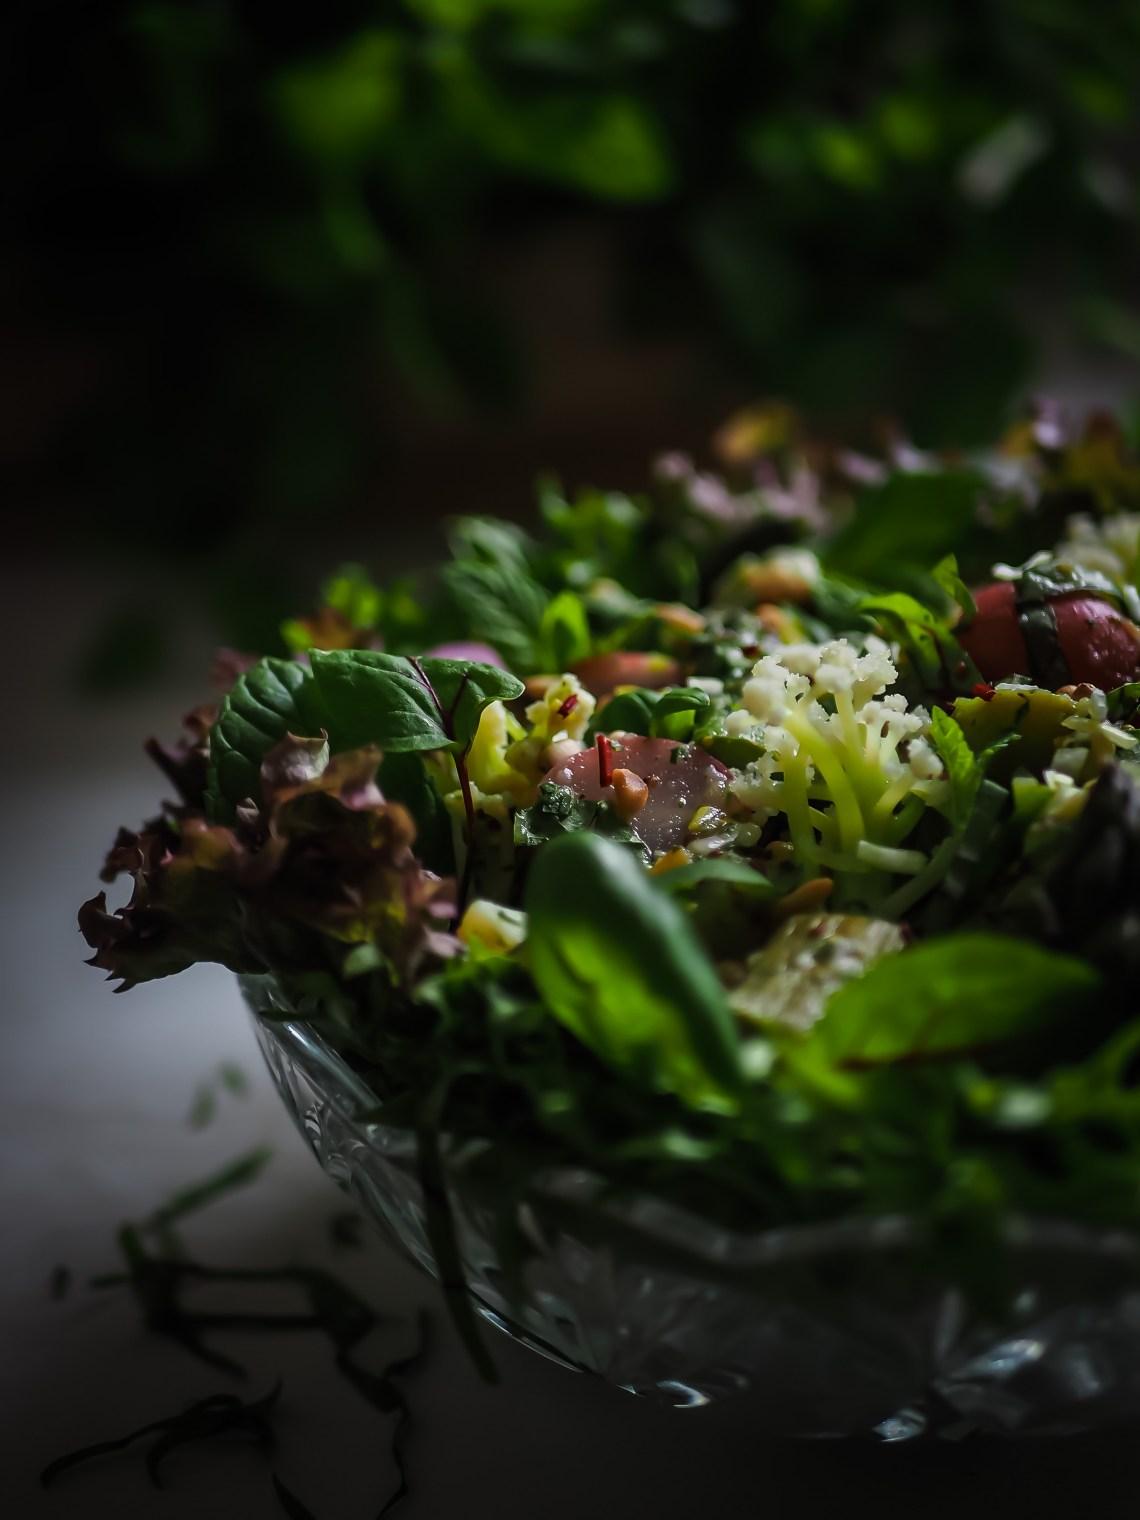 vihreä perunasalaatti